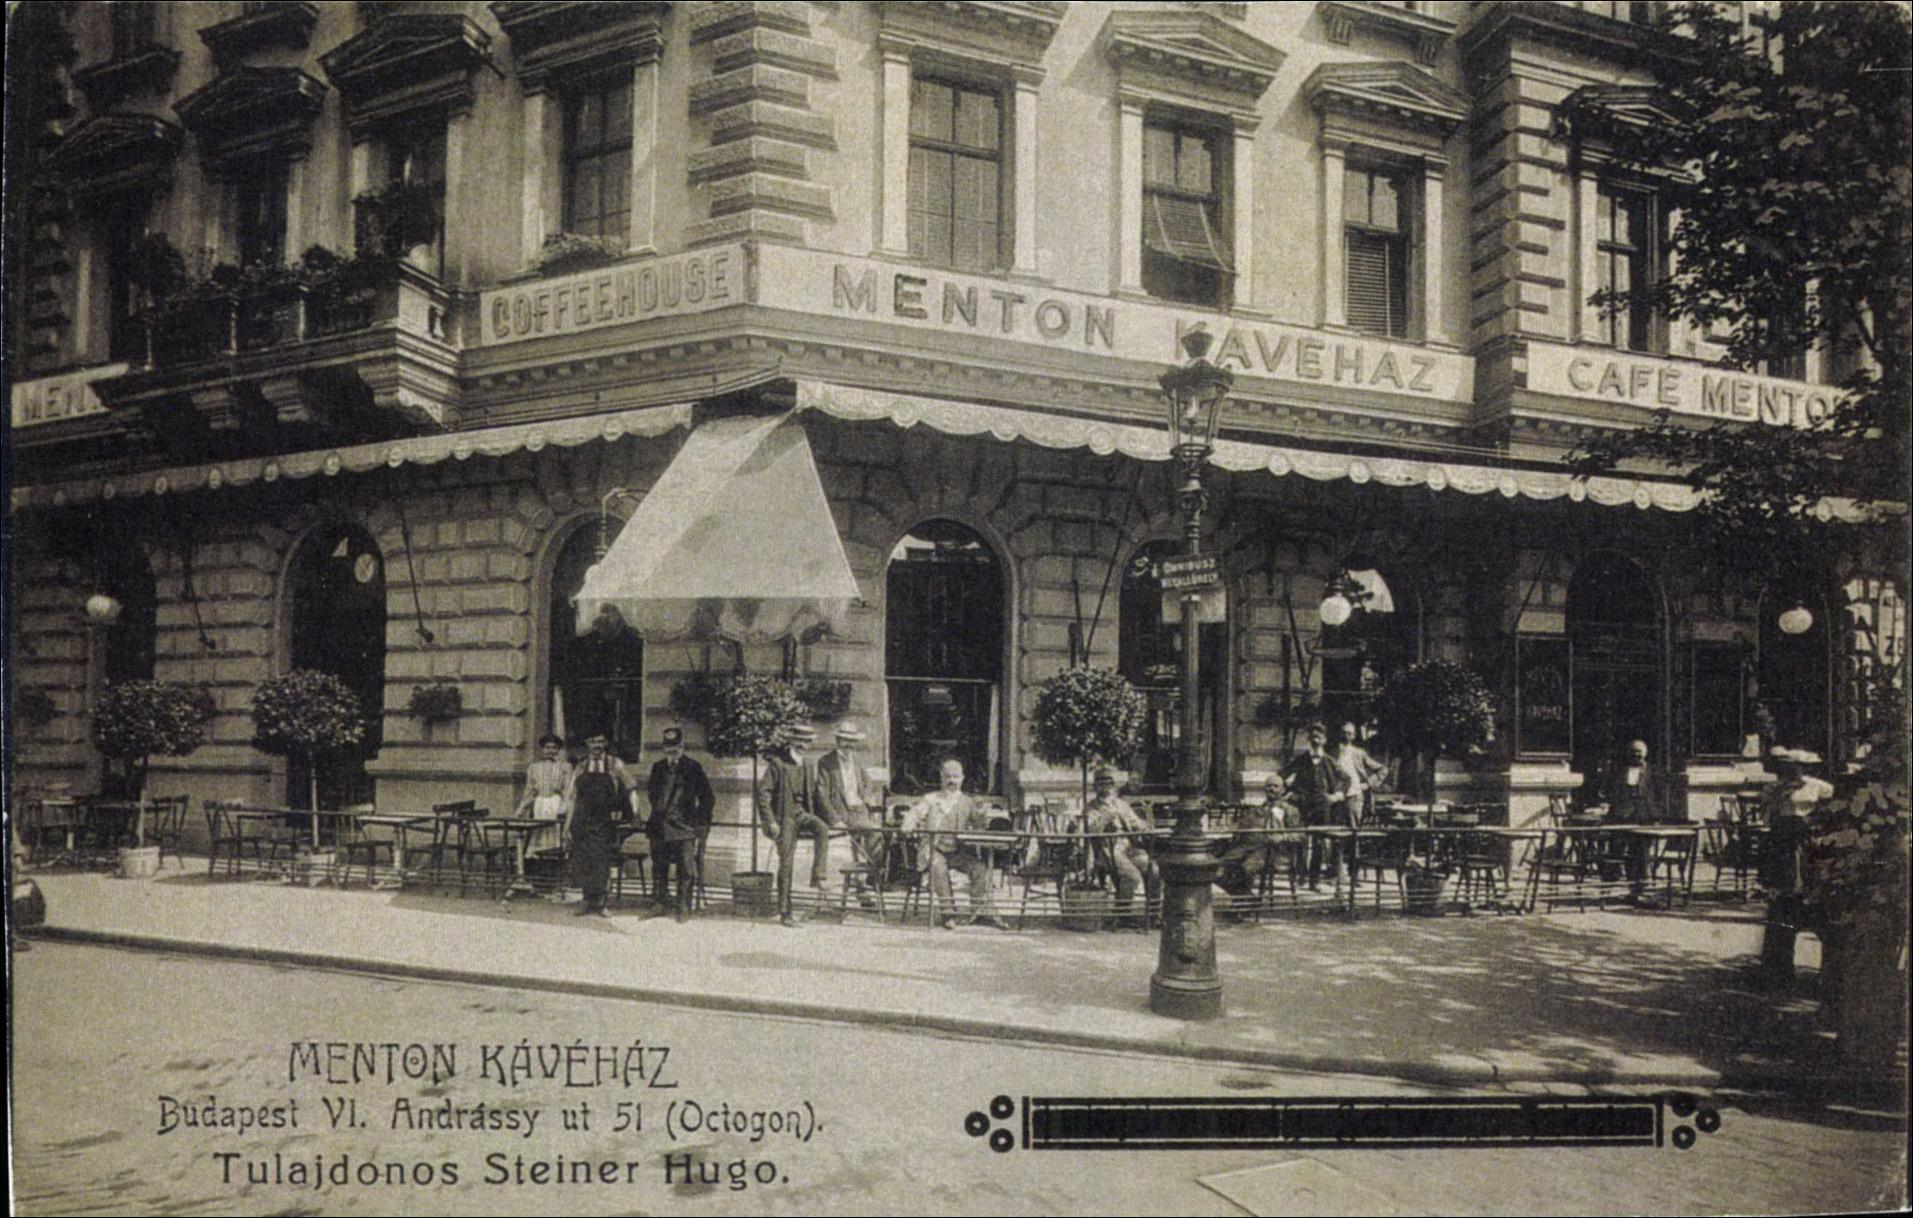 Menton kávéház. Budapest, VI., Andrássy út 51. (Oktogon) Tu